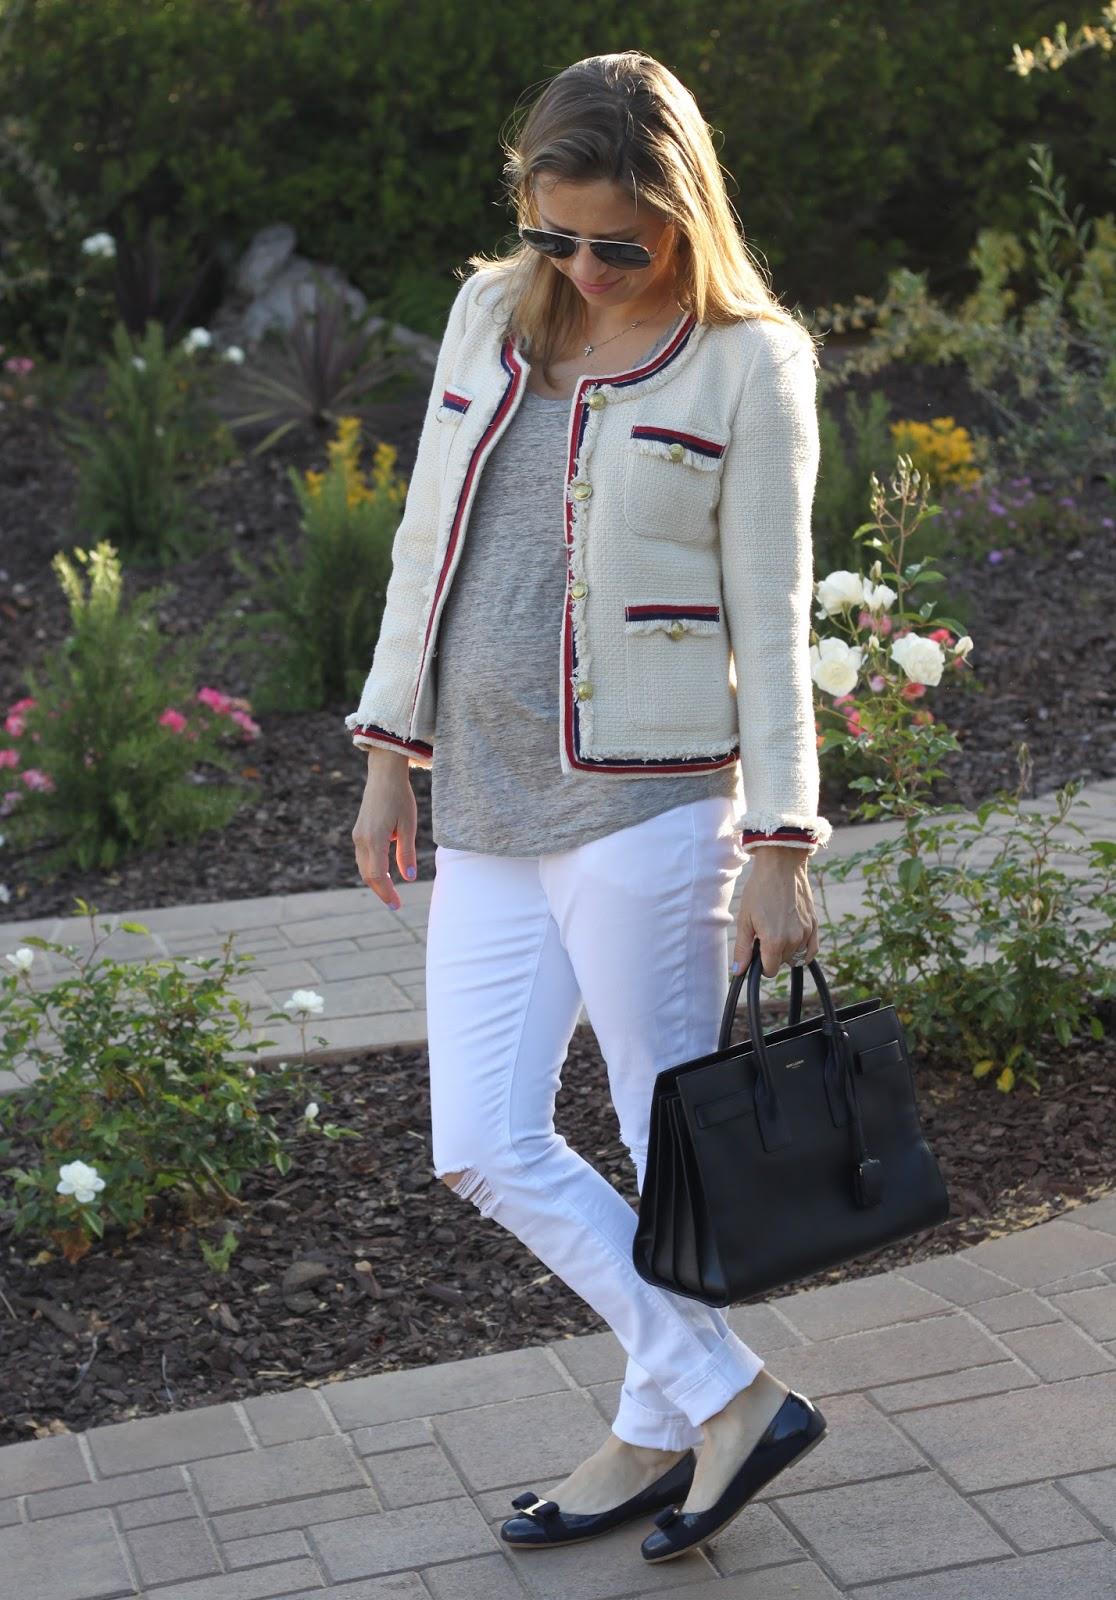 tweed jacket and distressed denim